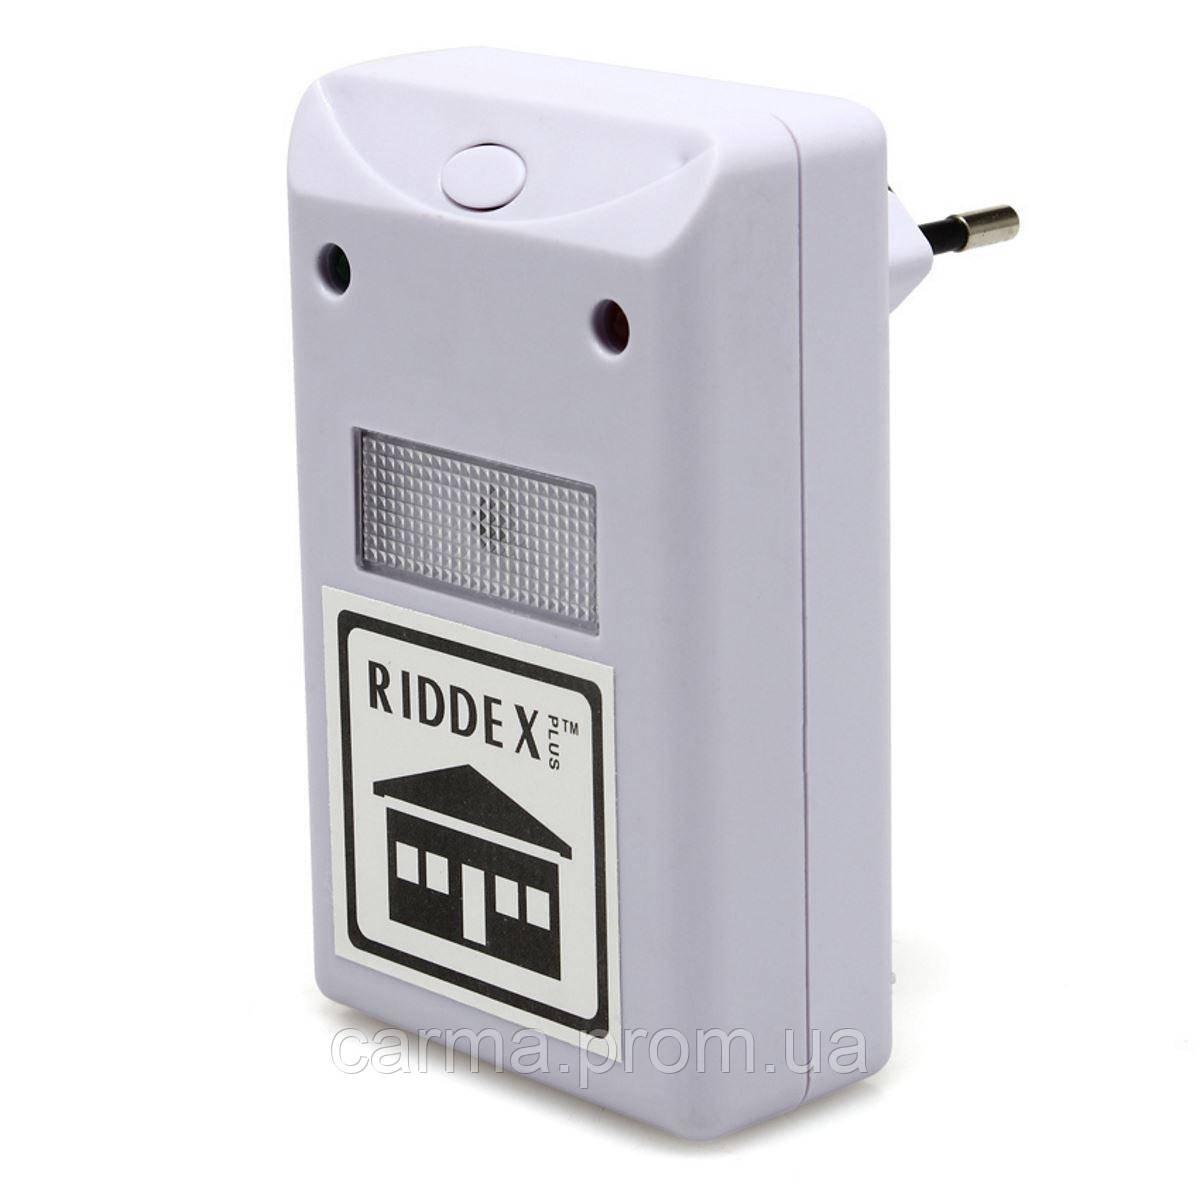 Электромагнитный отпугиватель грызунов и насекомых Riddex Plus Pest Repelling Aid